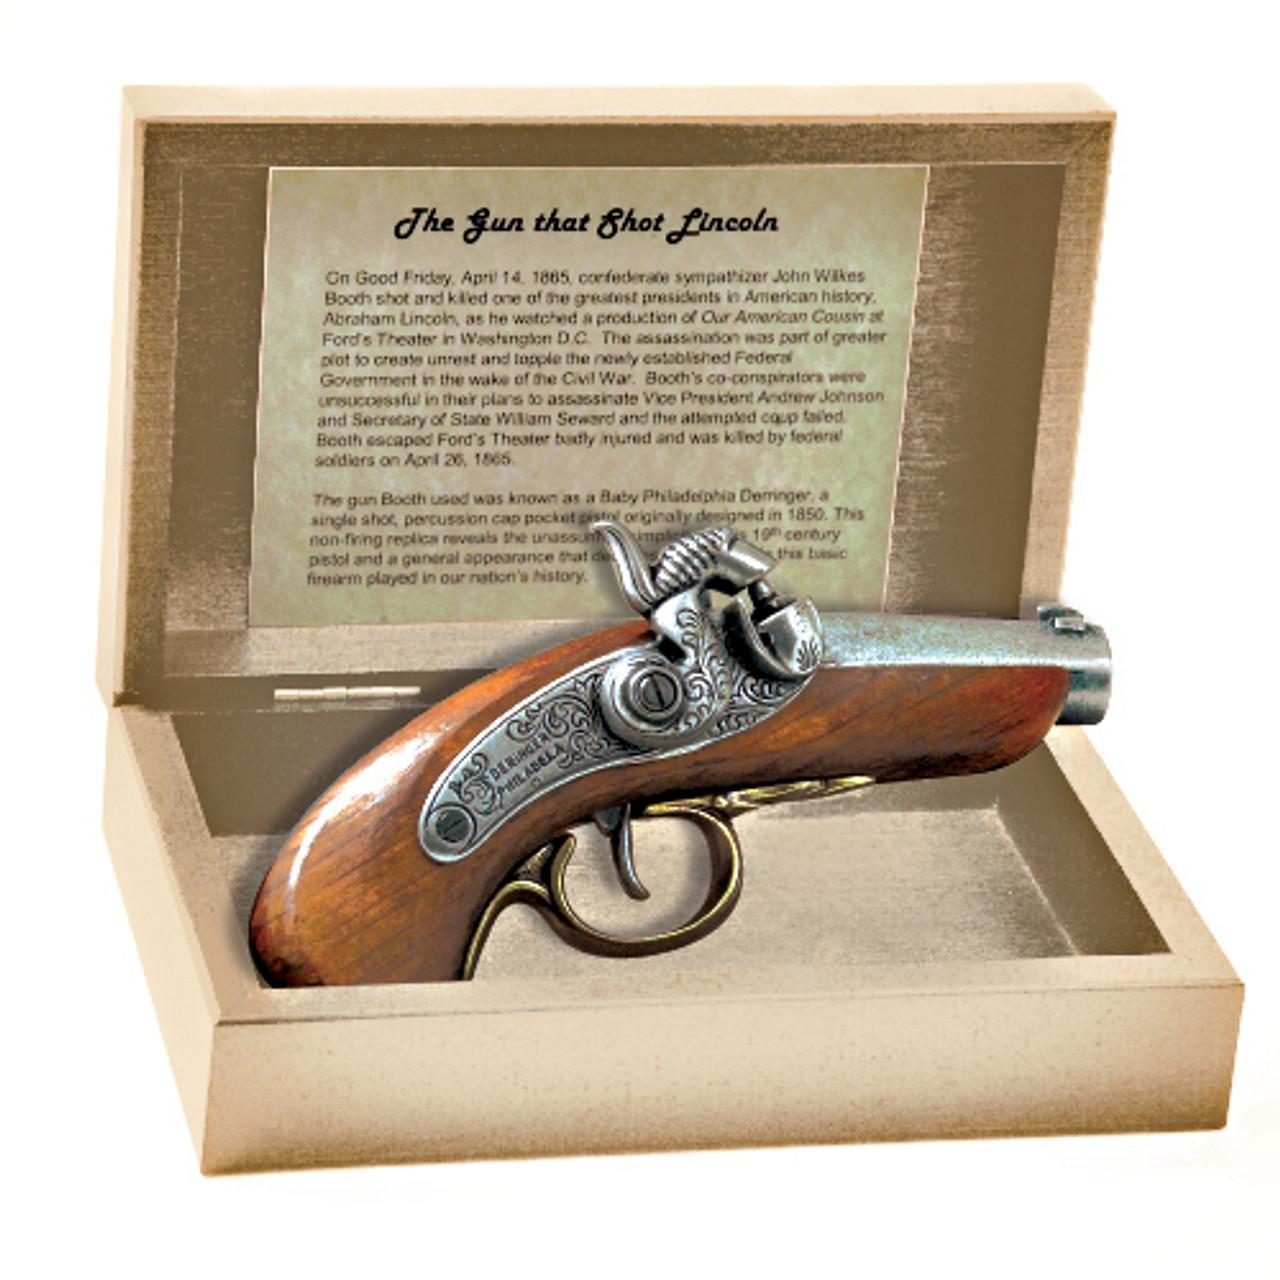 The Gun That Shot Lincoln